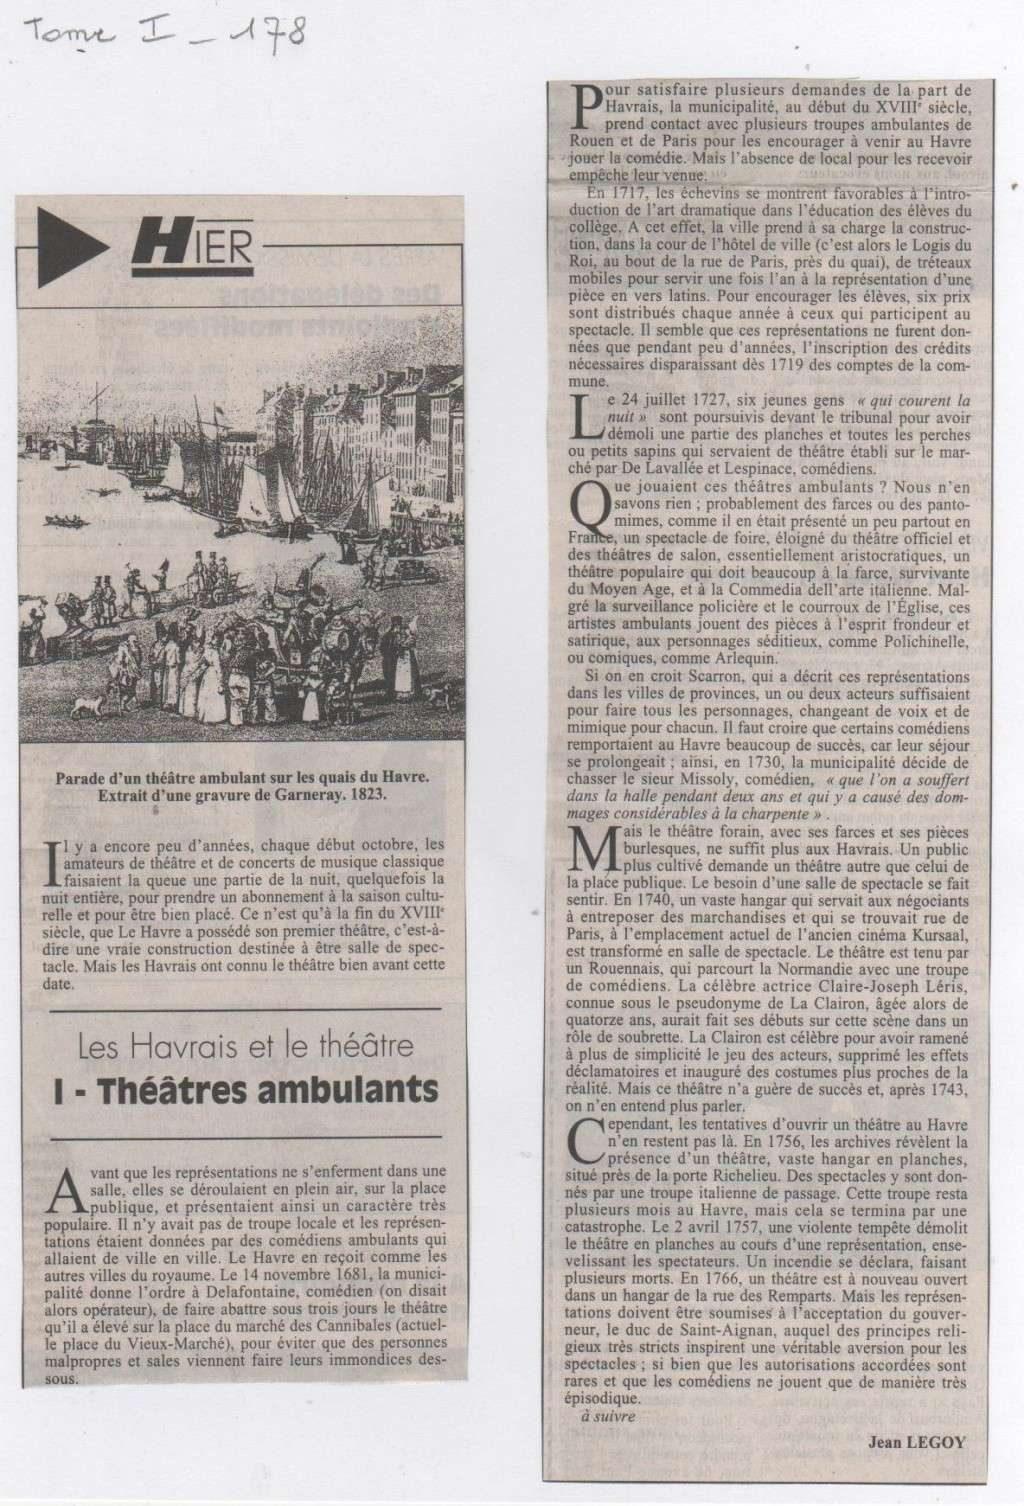 Cinémas et Théâtres de Jean LEGOY Jean_l67